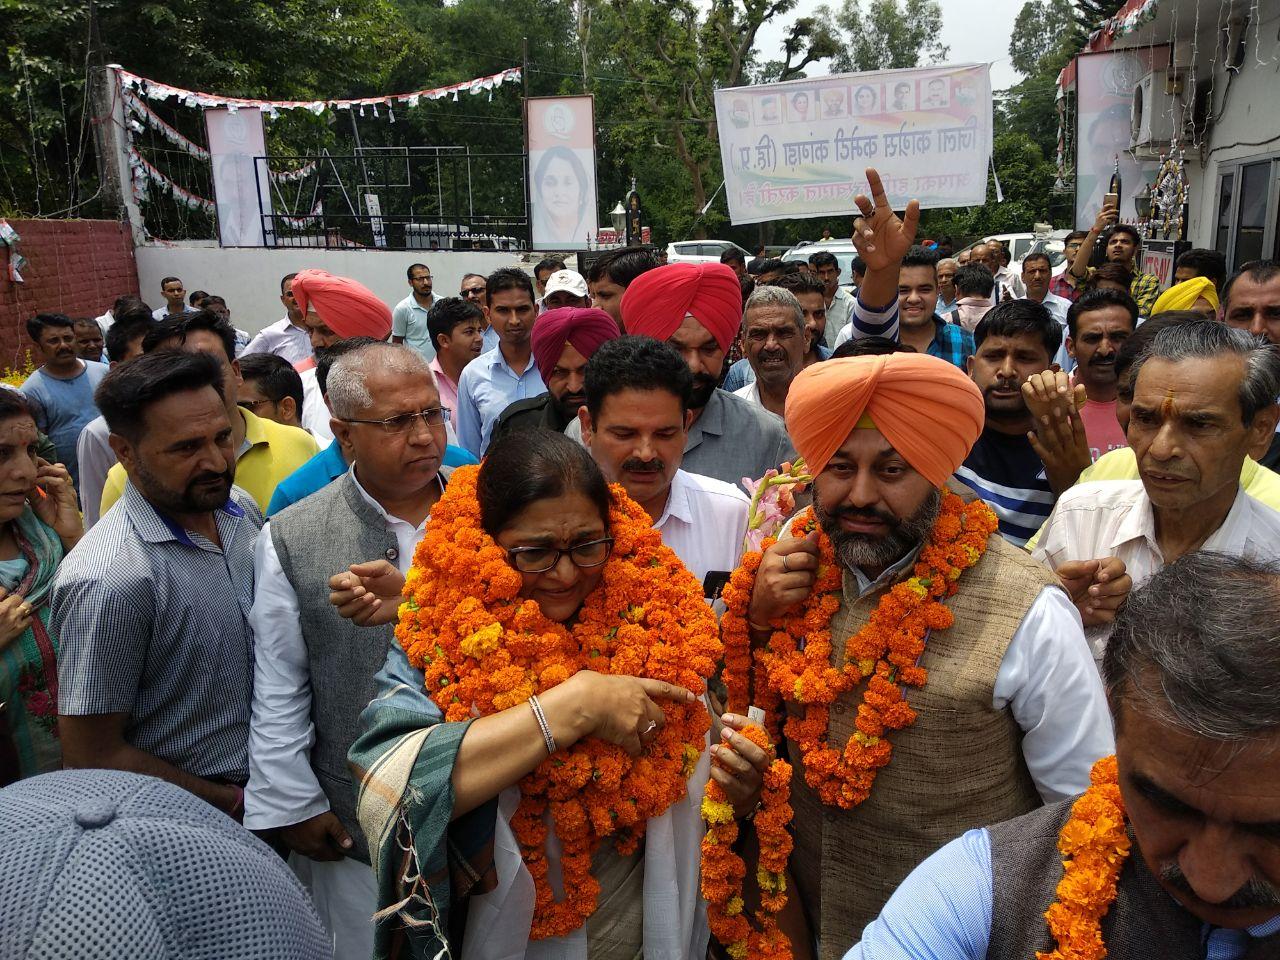 गुटबाजी नहीं, पूरी ताकत से लड़ेंगे 2019 में चुनाव :कांग्रेस